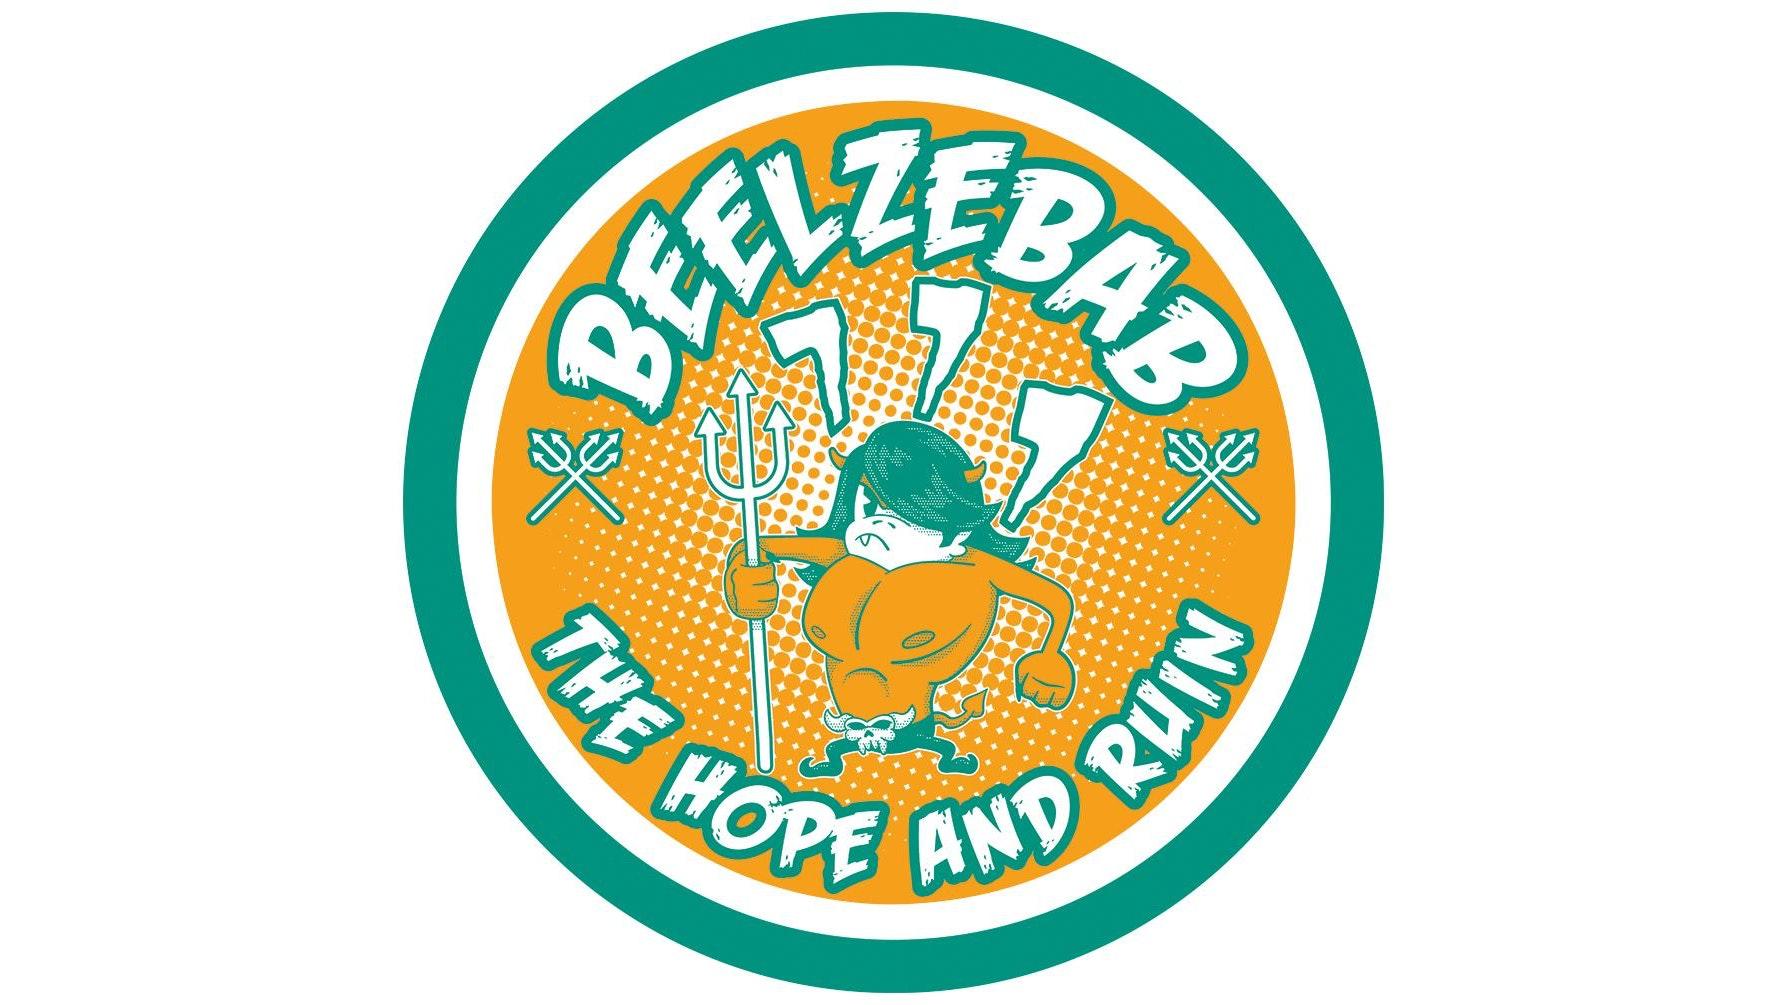 Beelzebab is 7(77)